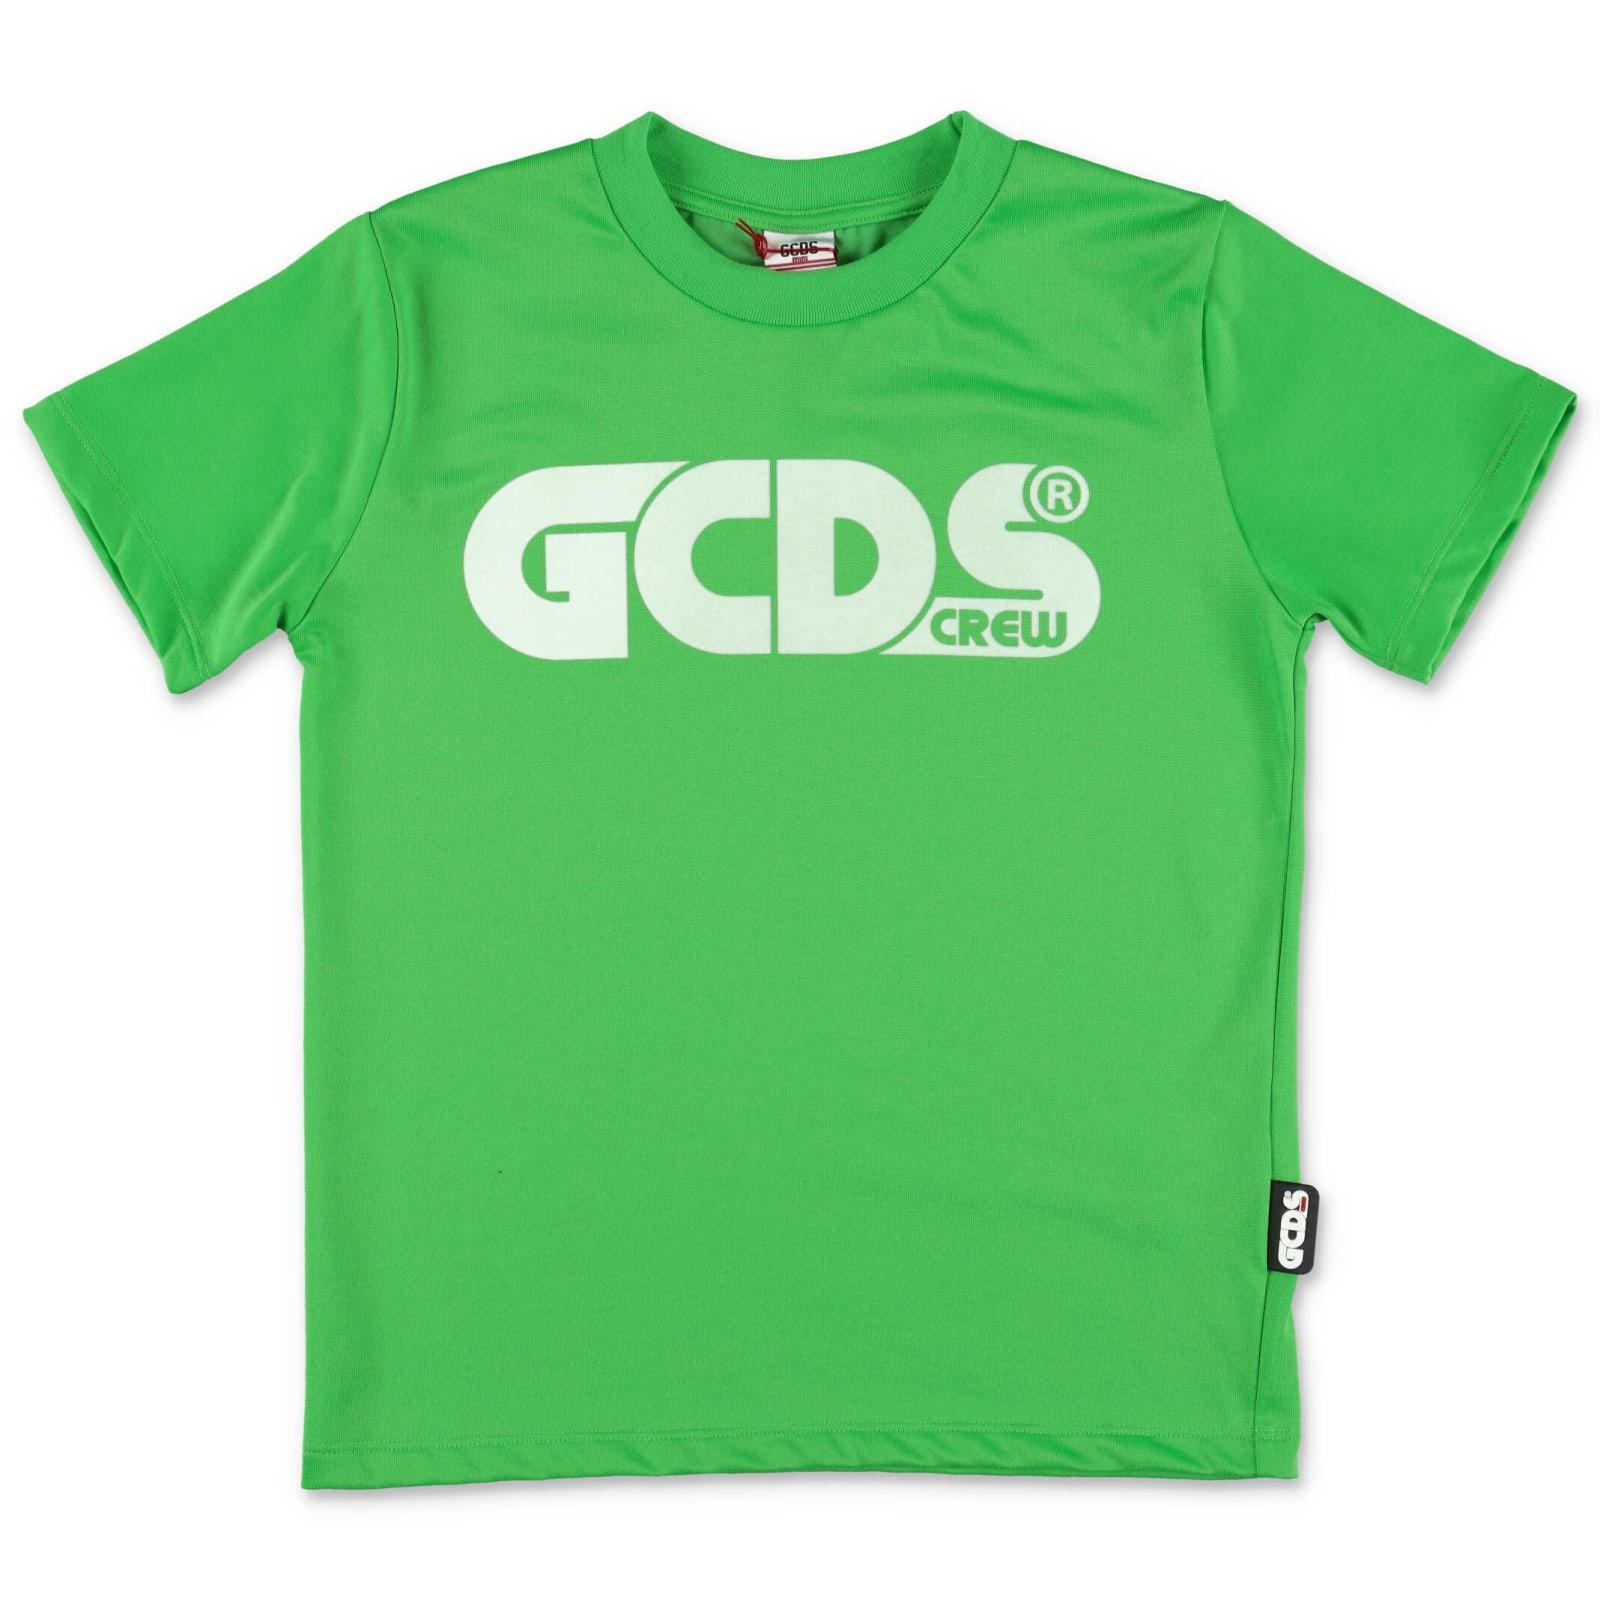 Gcds Cottons T-SHIRT